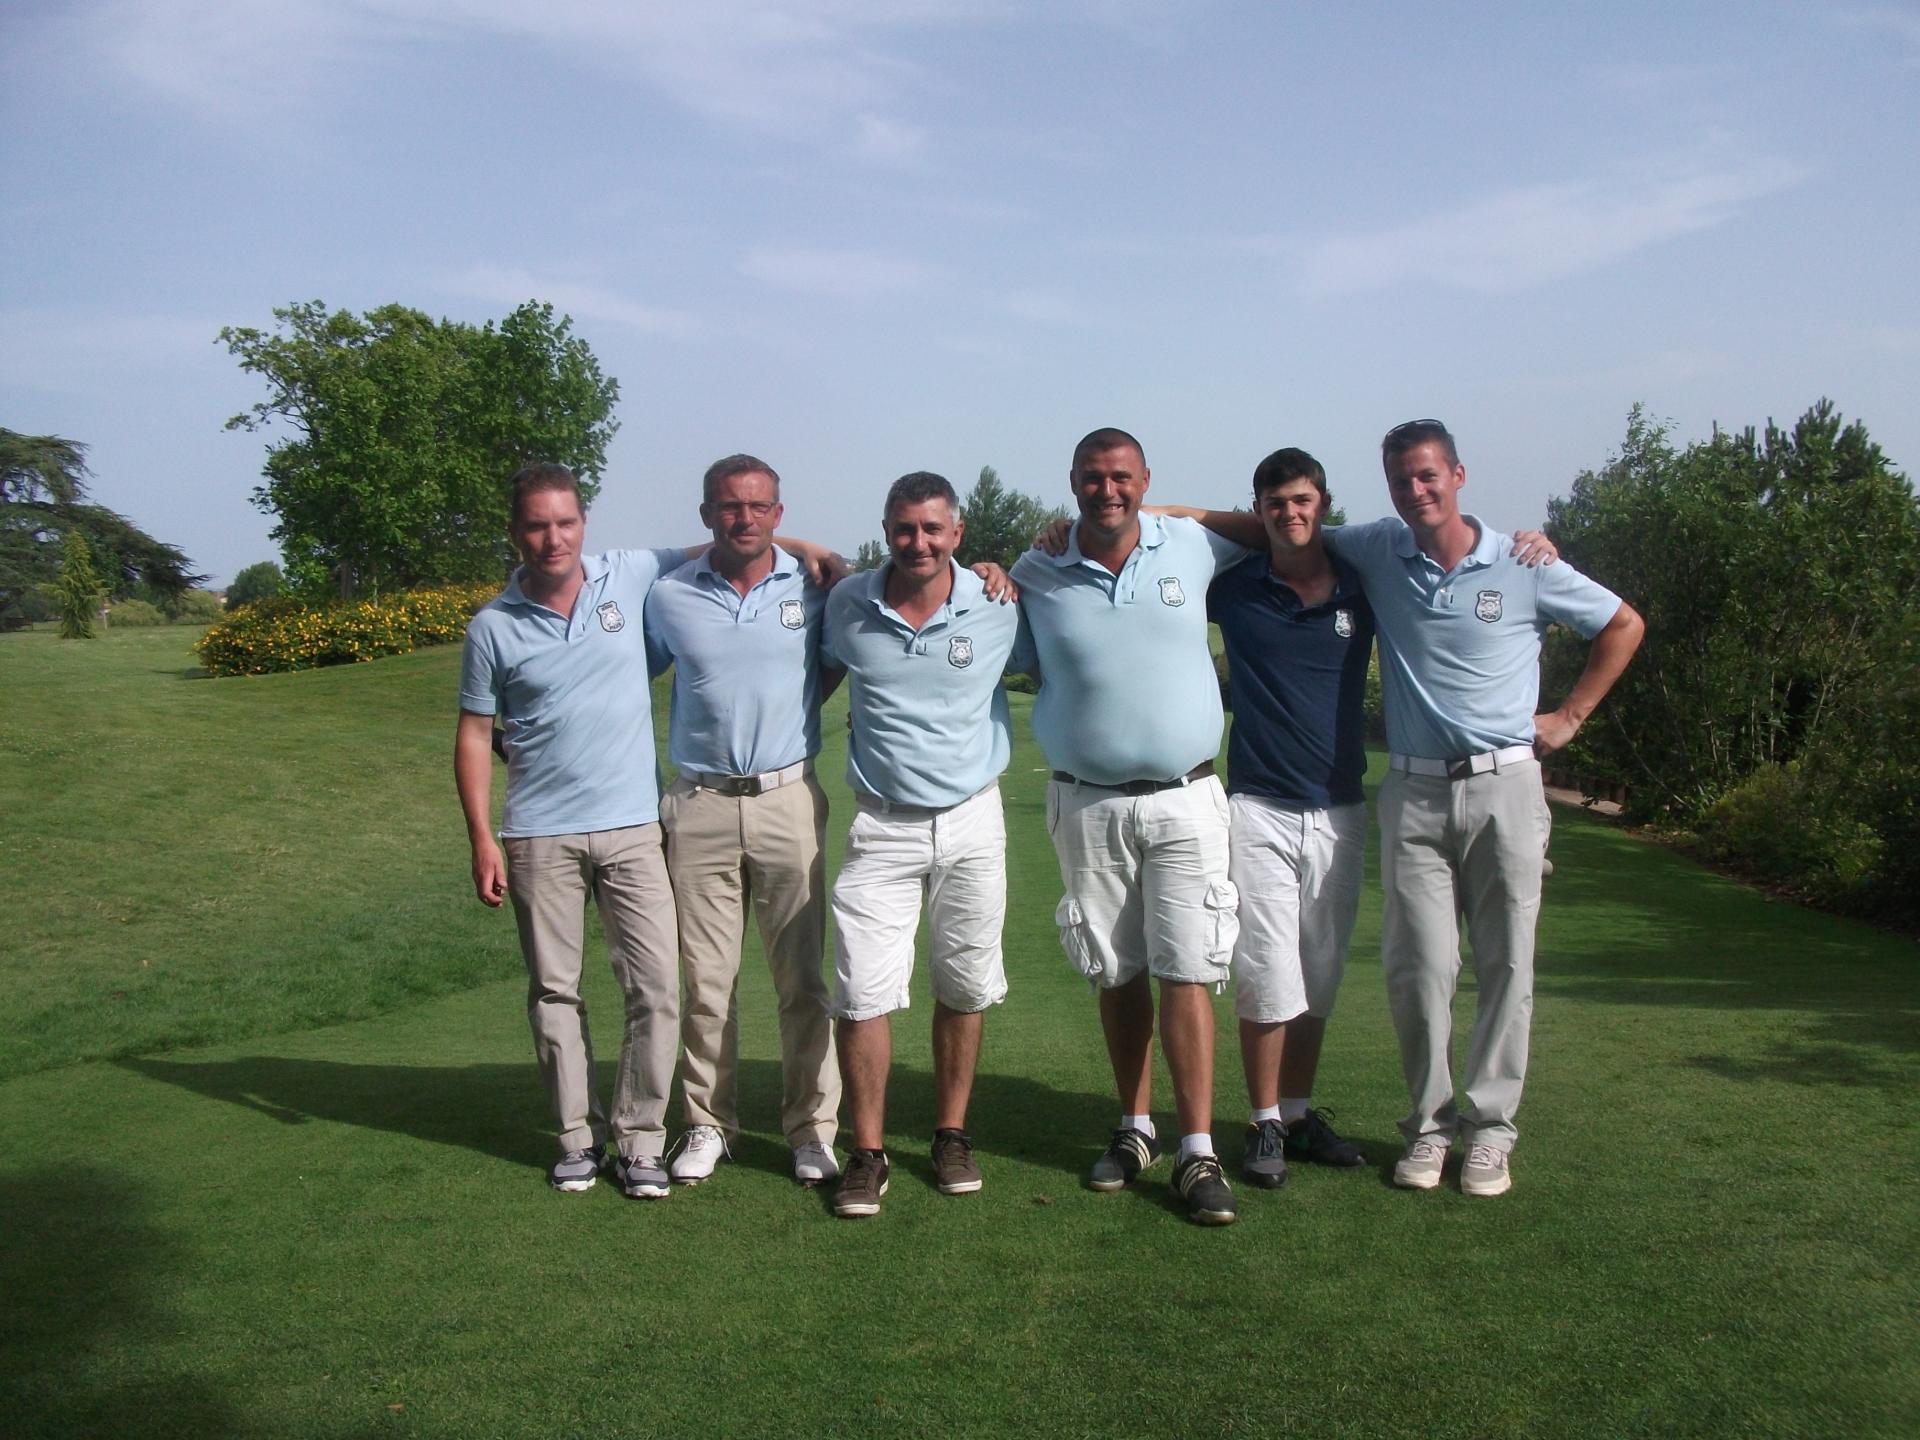 L'équipe - Albi 2014